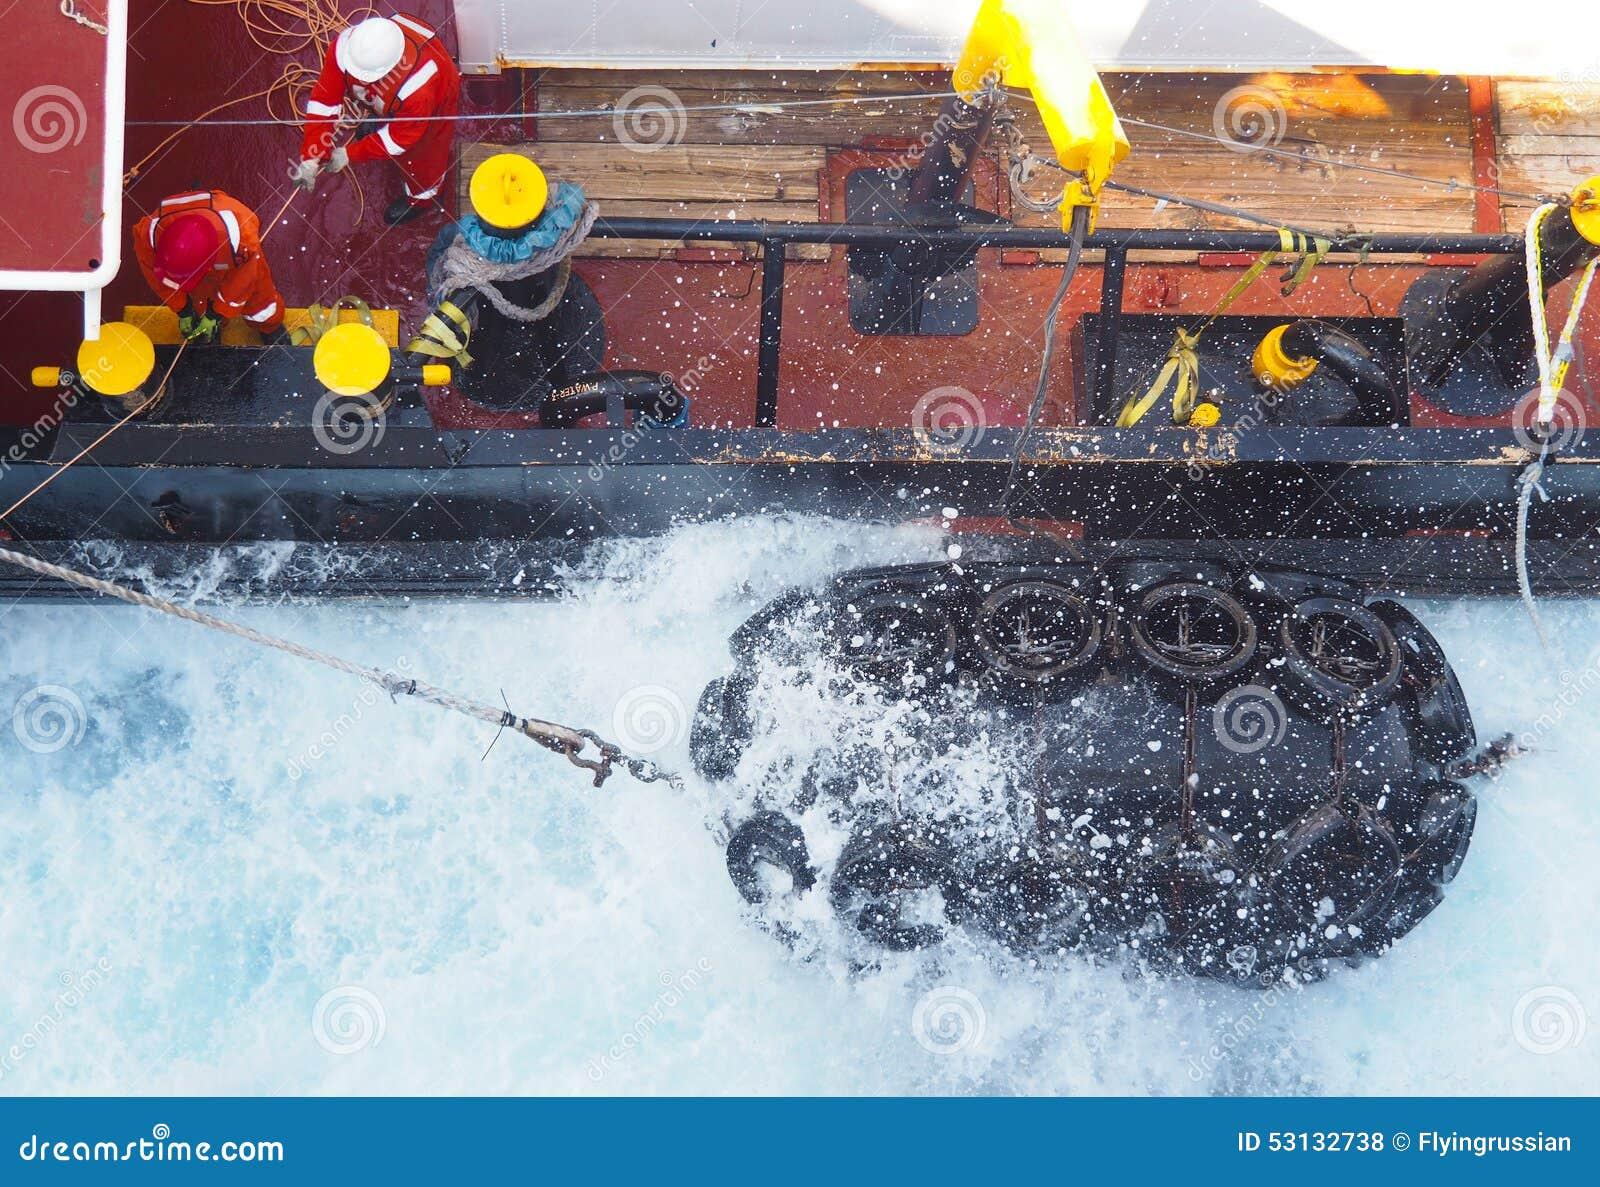 Navios ou barcos sísmicos no mar no Golfo do México, indústria petroleira